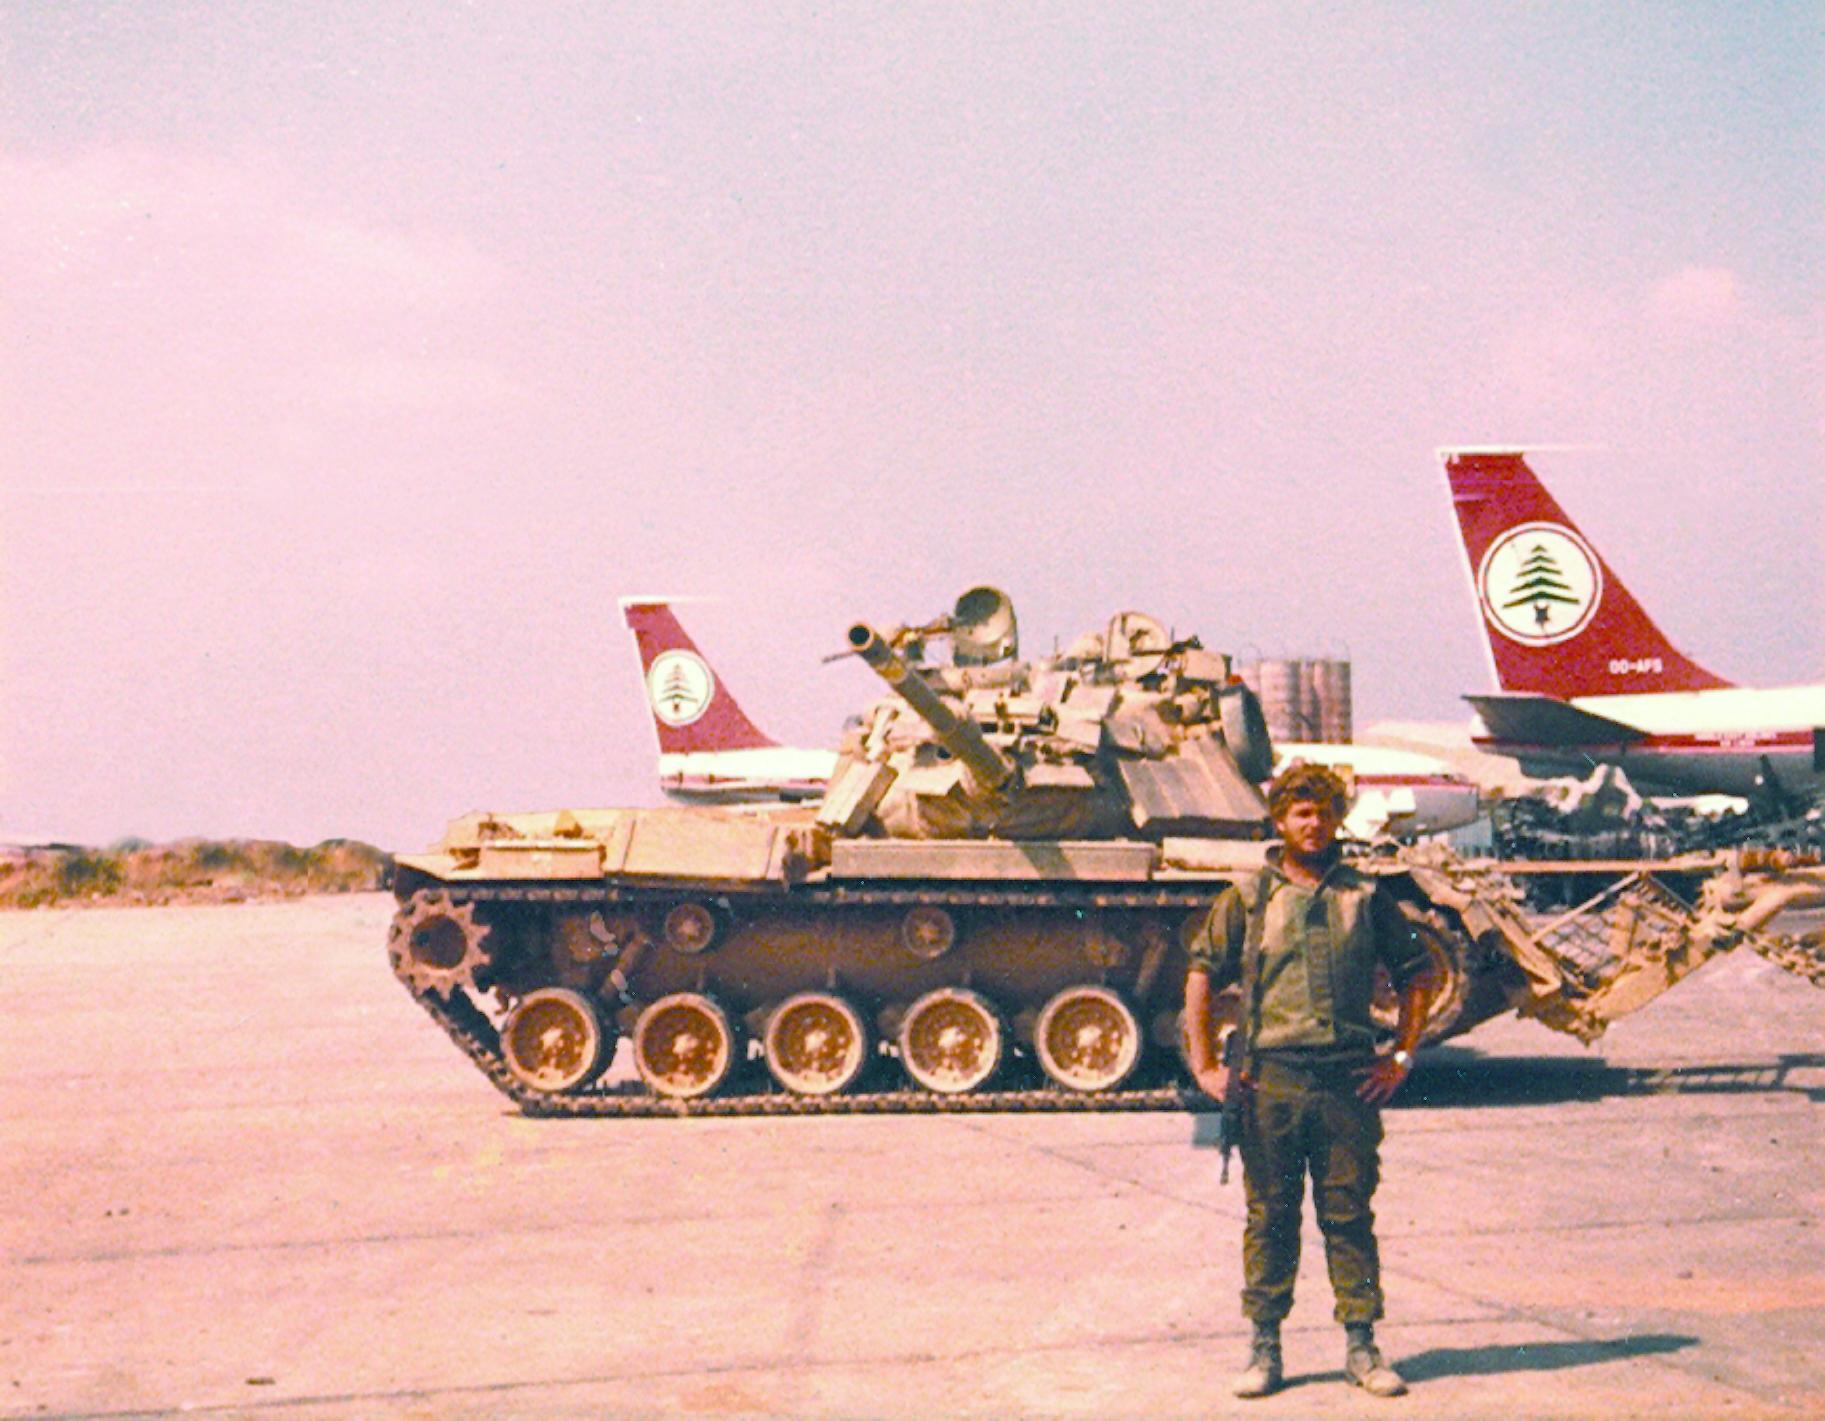 טנק מגח 6ב בשדה התעופה של בירות במהלך מלחמת לבנון הראשונה. בצילום, וקרדיט: ברוך לוית